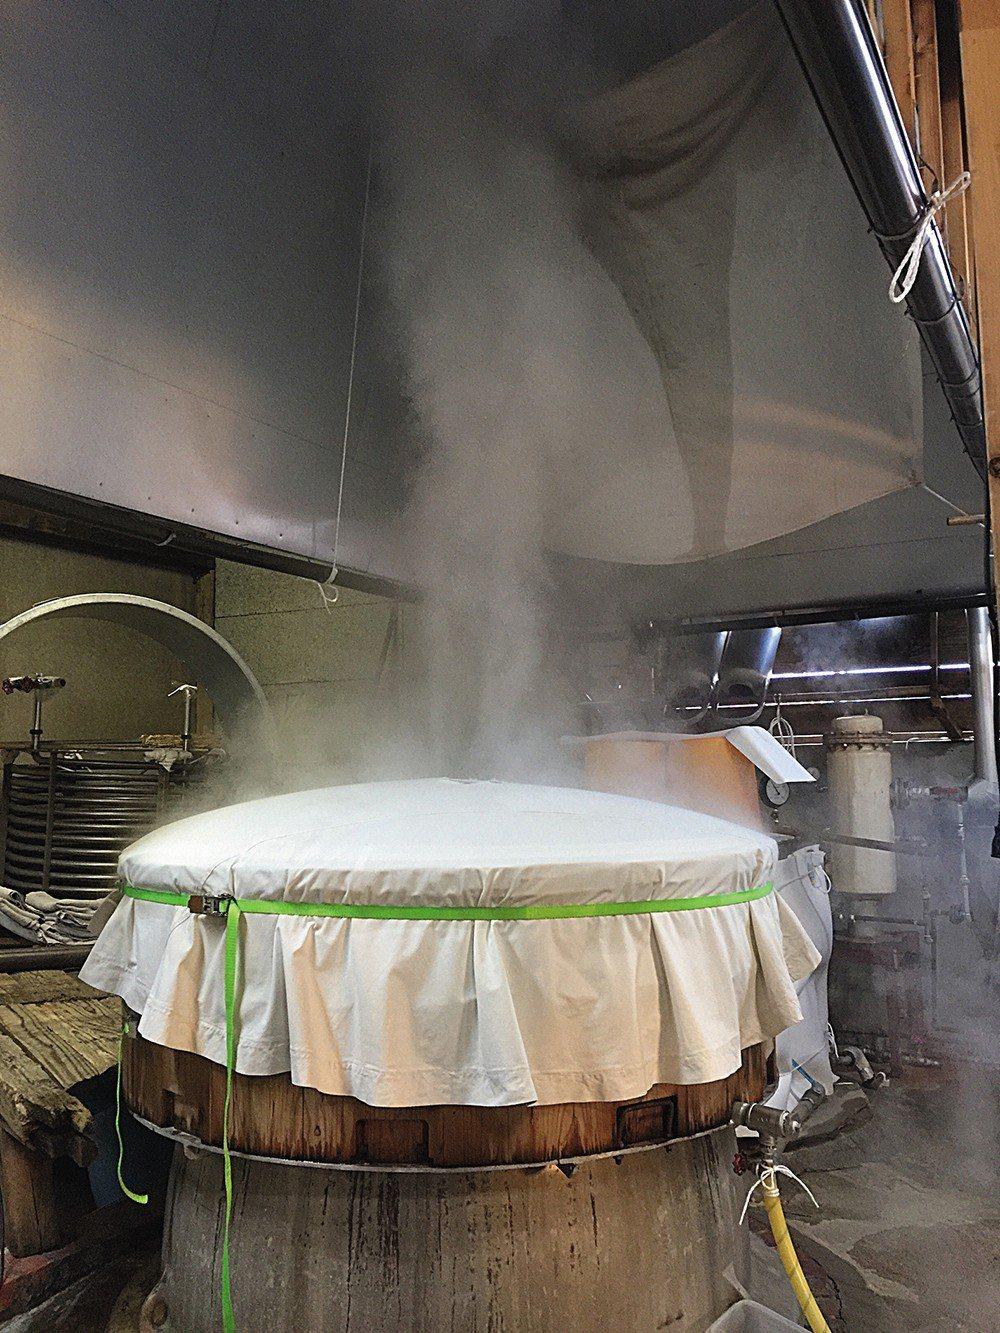 由於不知道台中六十五號米的特性,在蒸米、灑麴種、製麴等步驟中,都必須靠著不斷摸索...